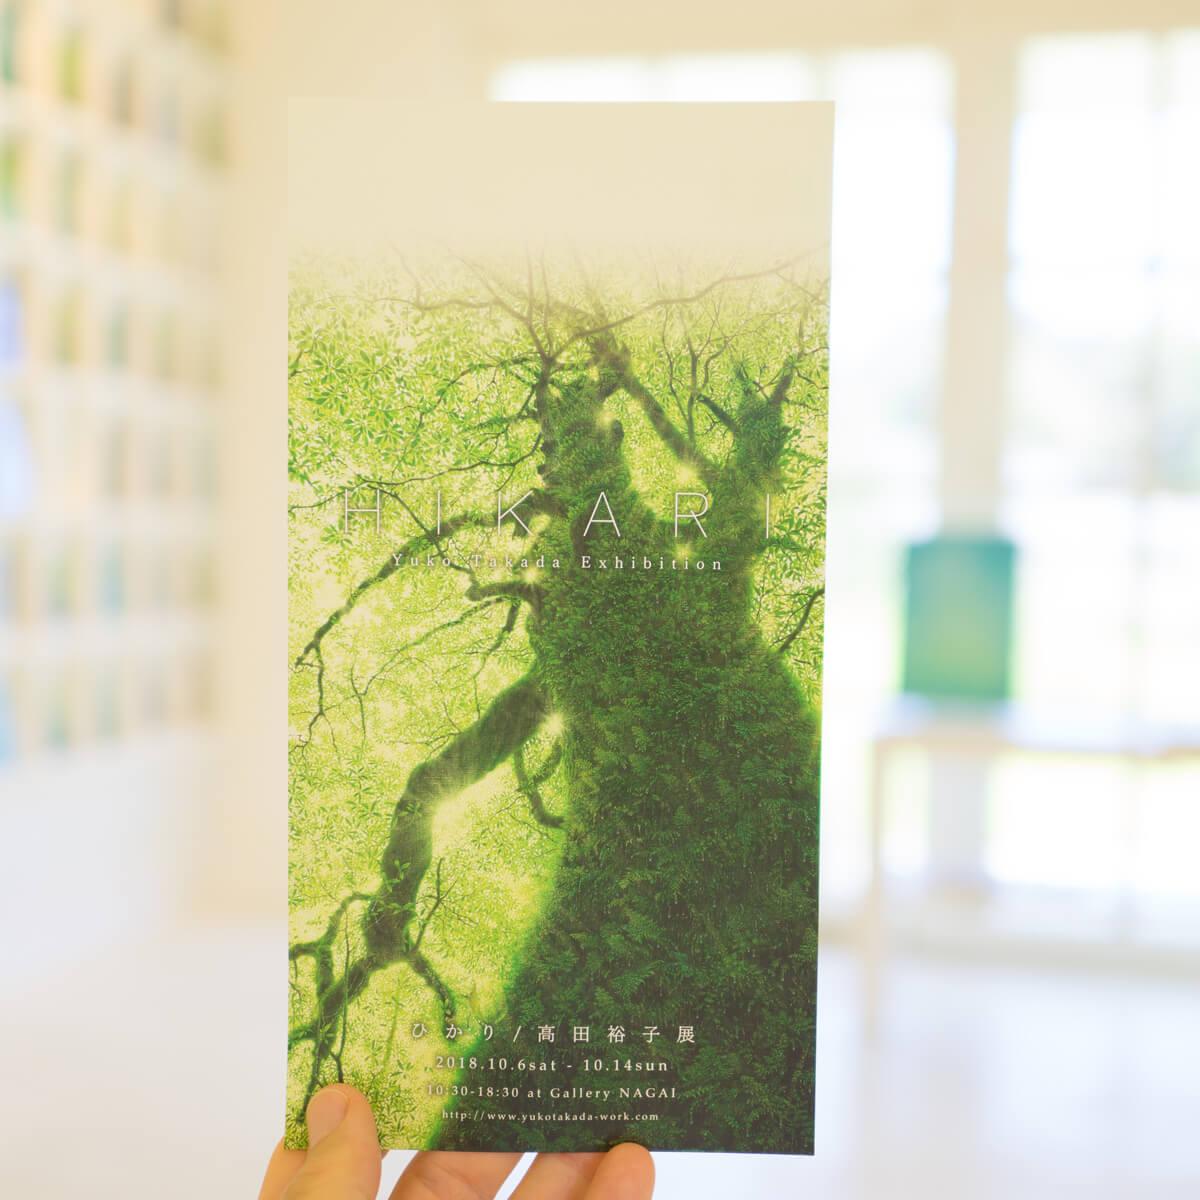 屋久島しずくギャラリー 絵画の部屋 高田裕子個展案内状 屋久島島で絵画とジュエリーの販売